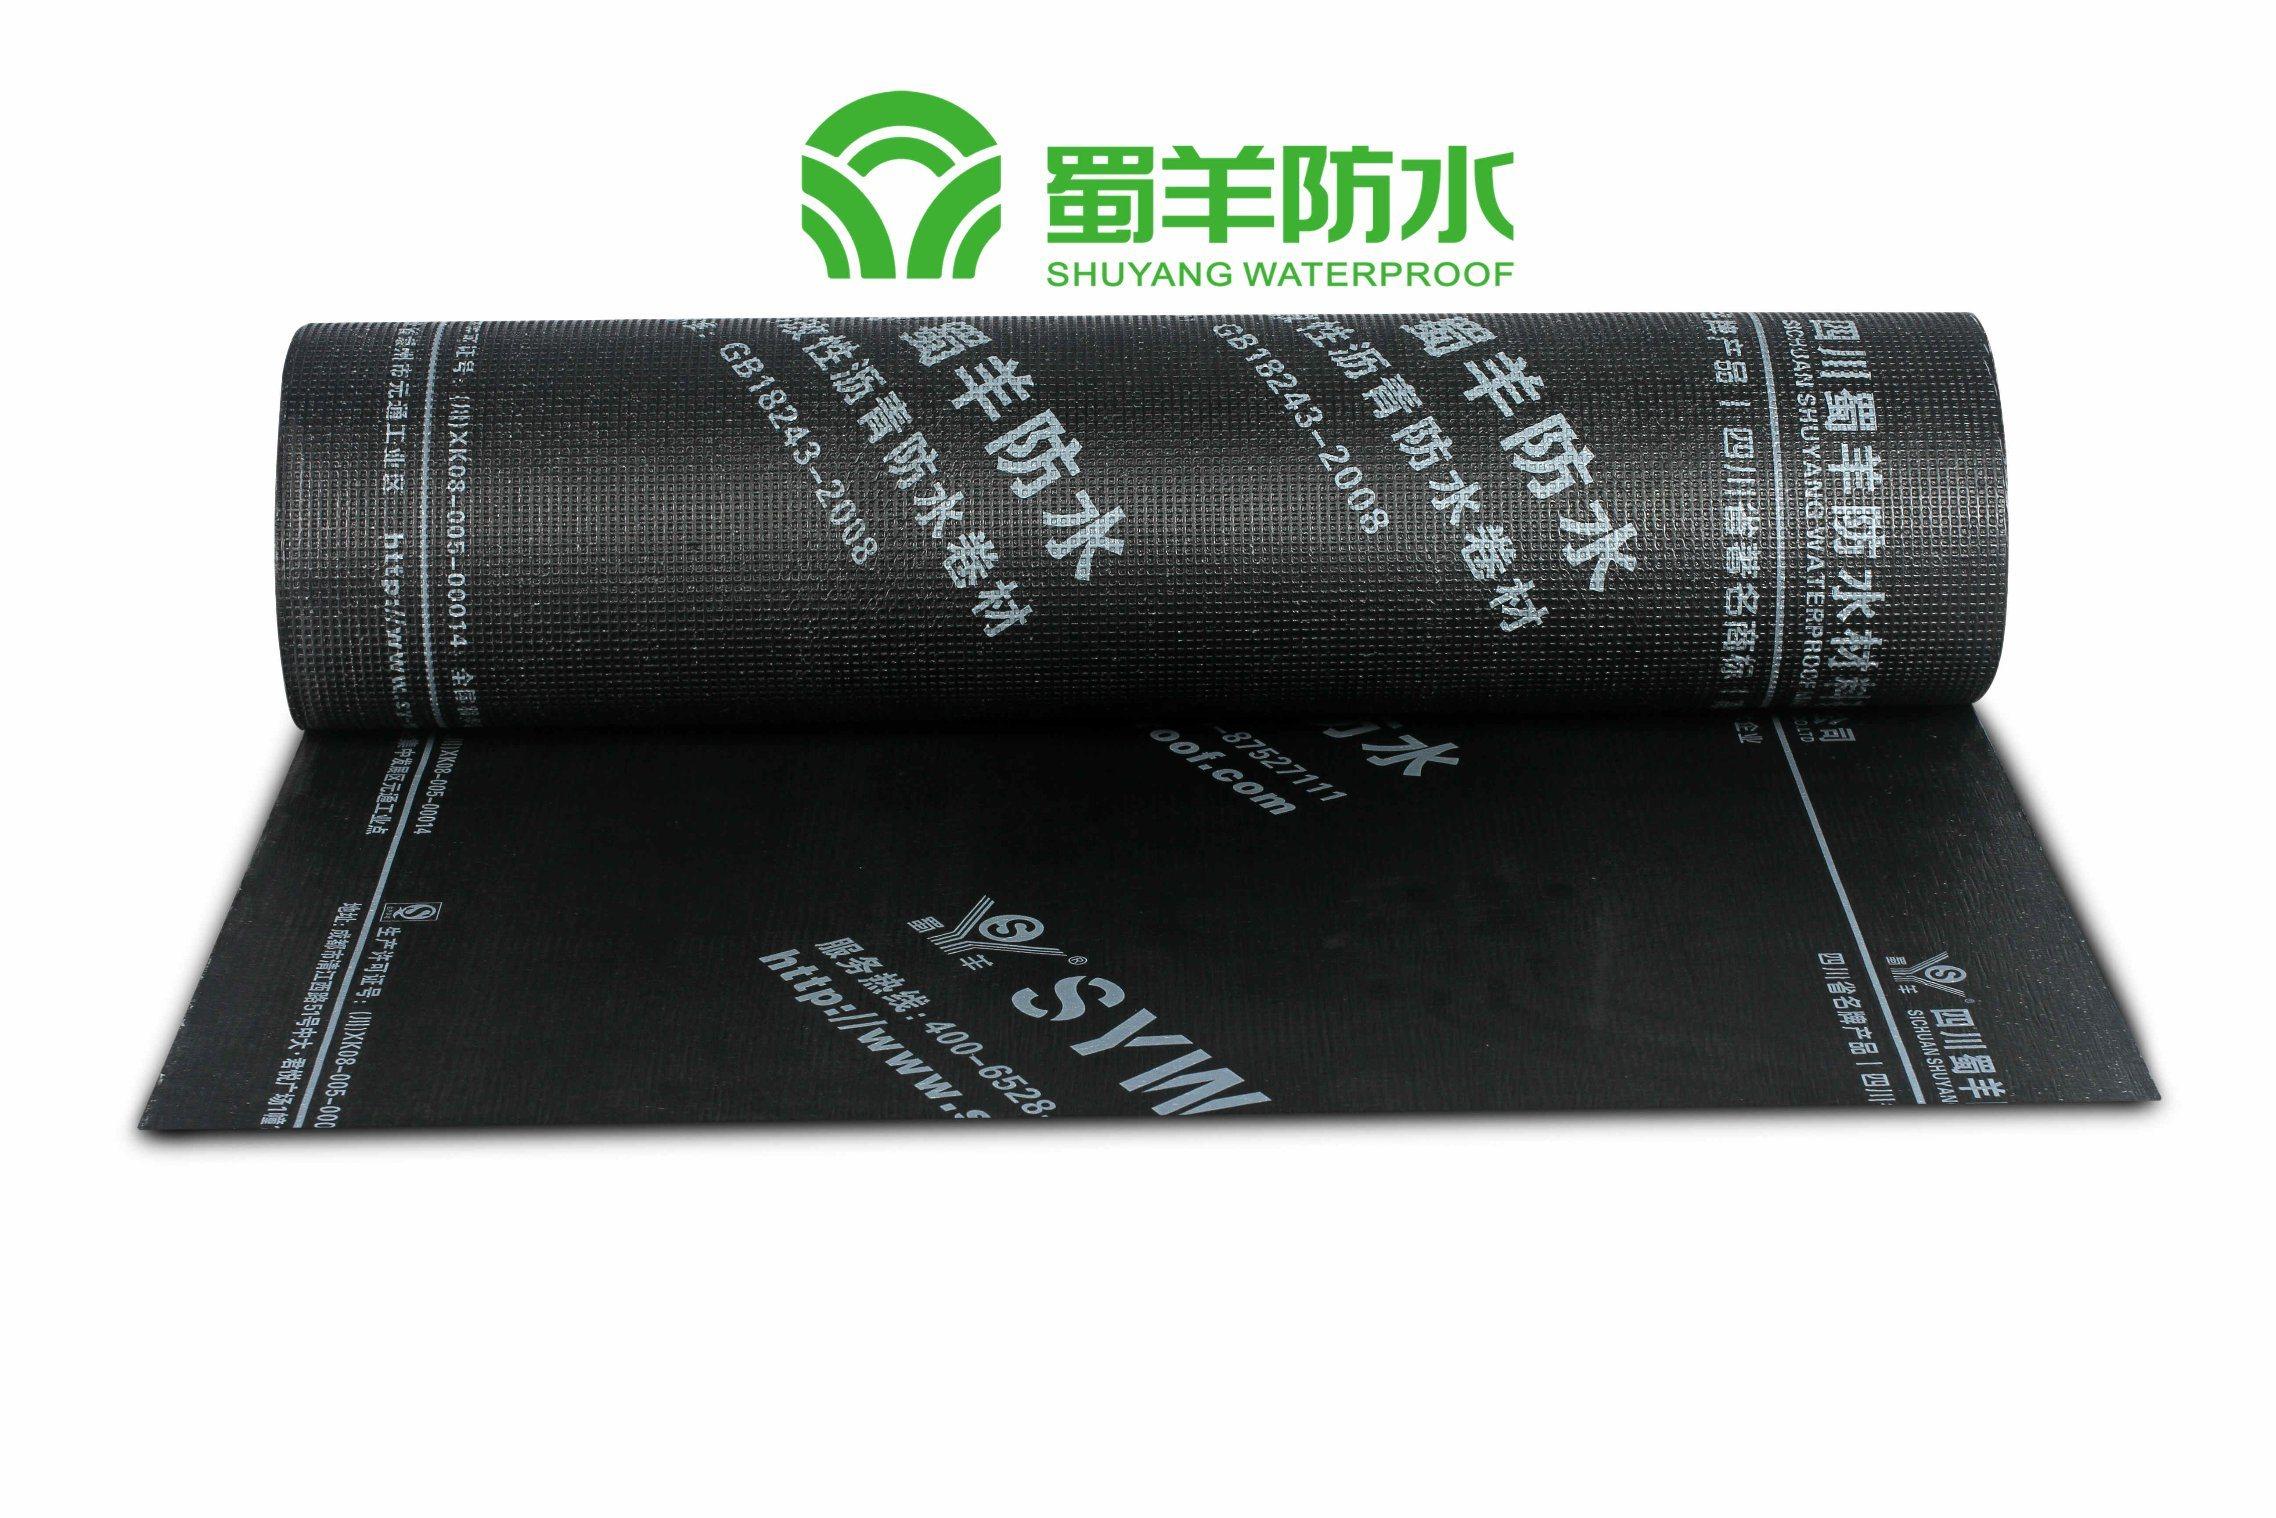 4mm APP Waterproof Membrane PE Film Surface Glass Fiber Reinforced